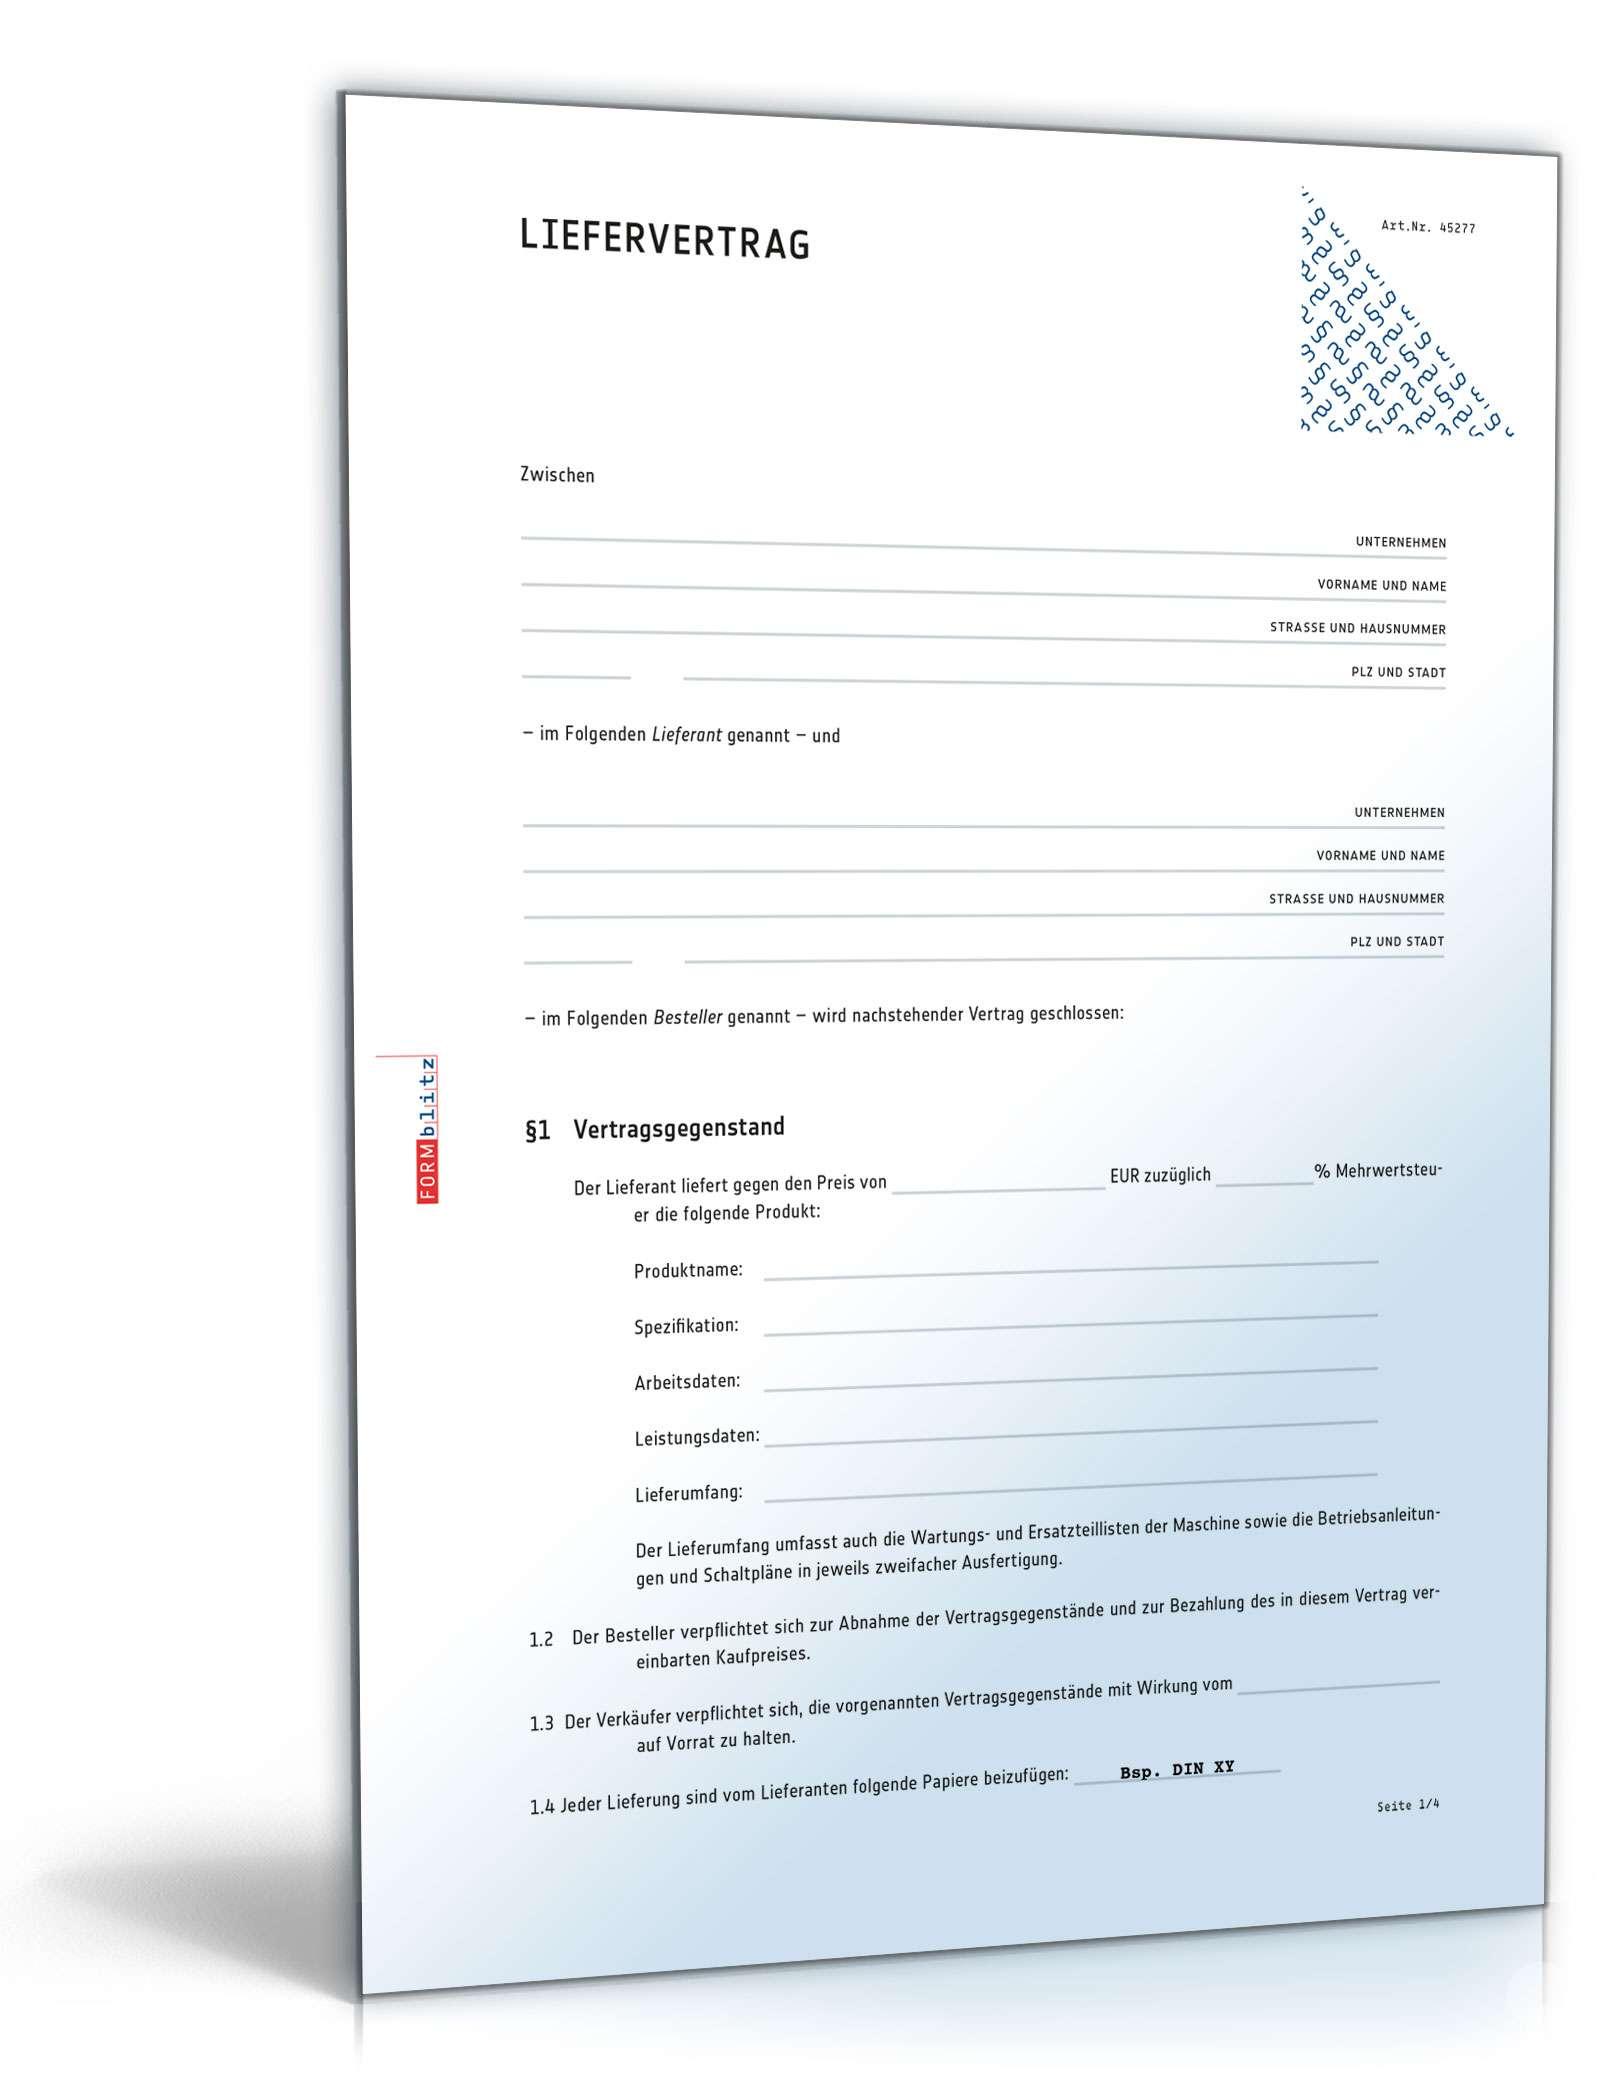 Liefervertrag Rechtssichere Vorlage Downloaden Anpassen